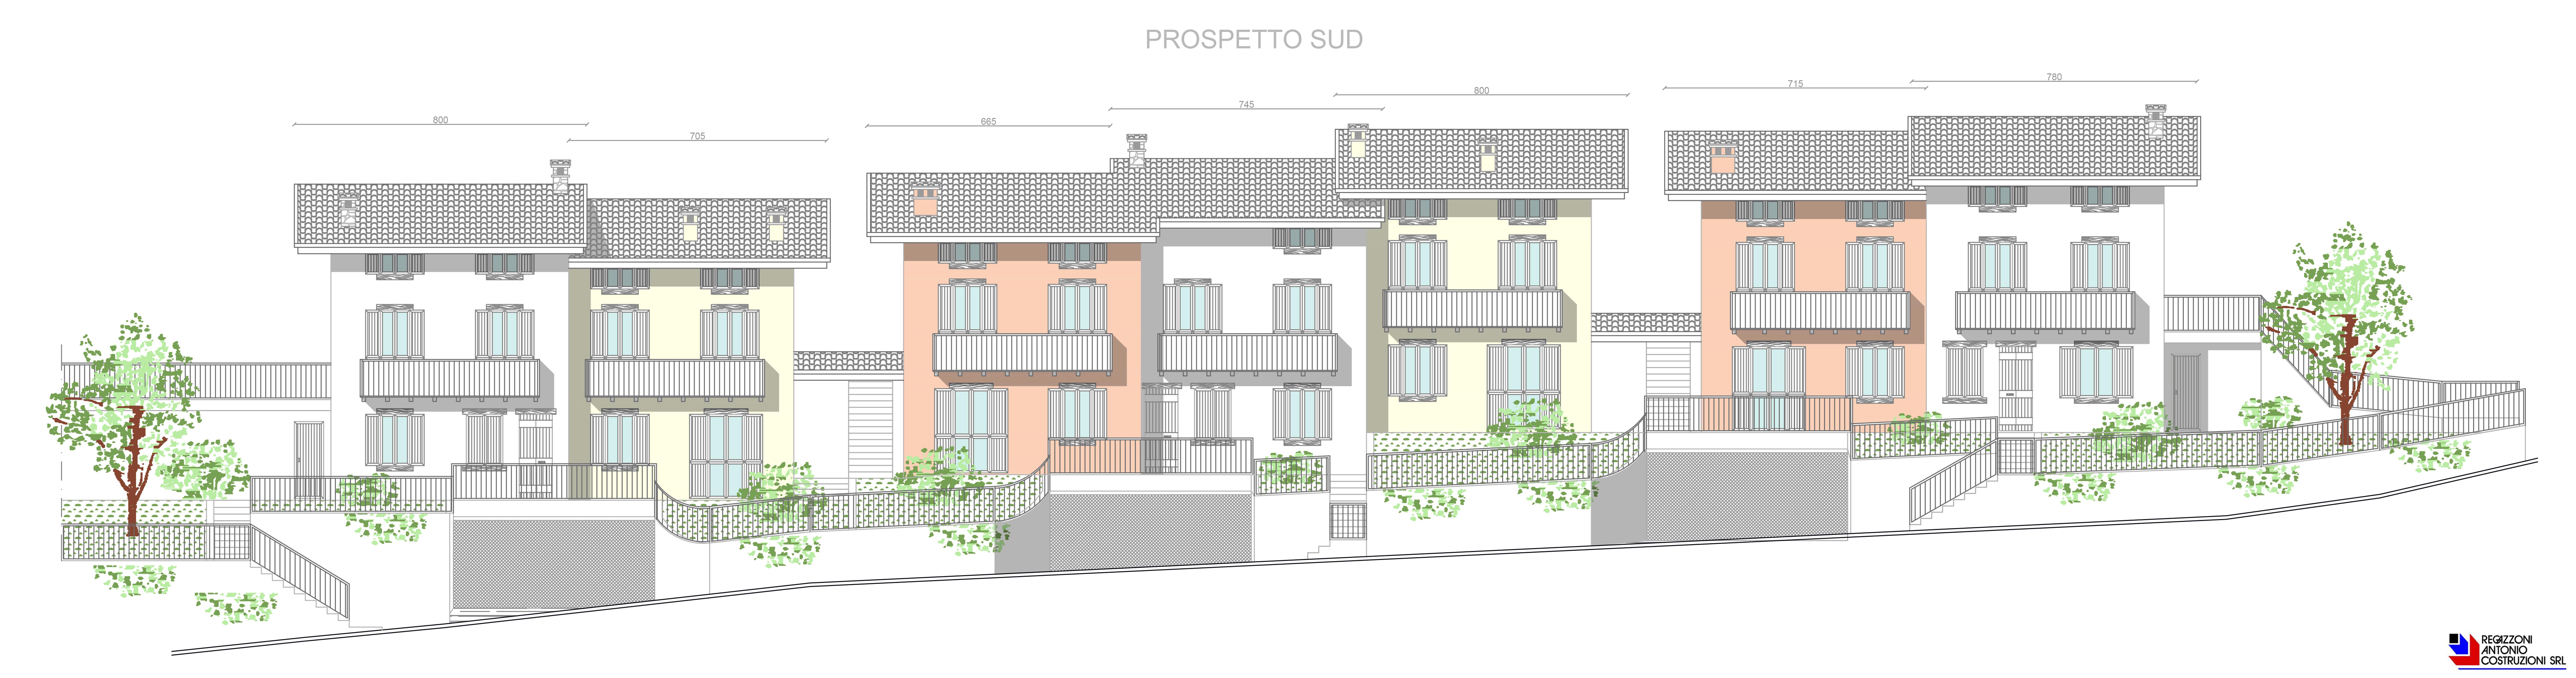 Prospetto sud Lotto B - scala 1a100